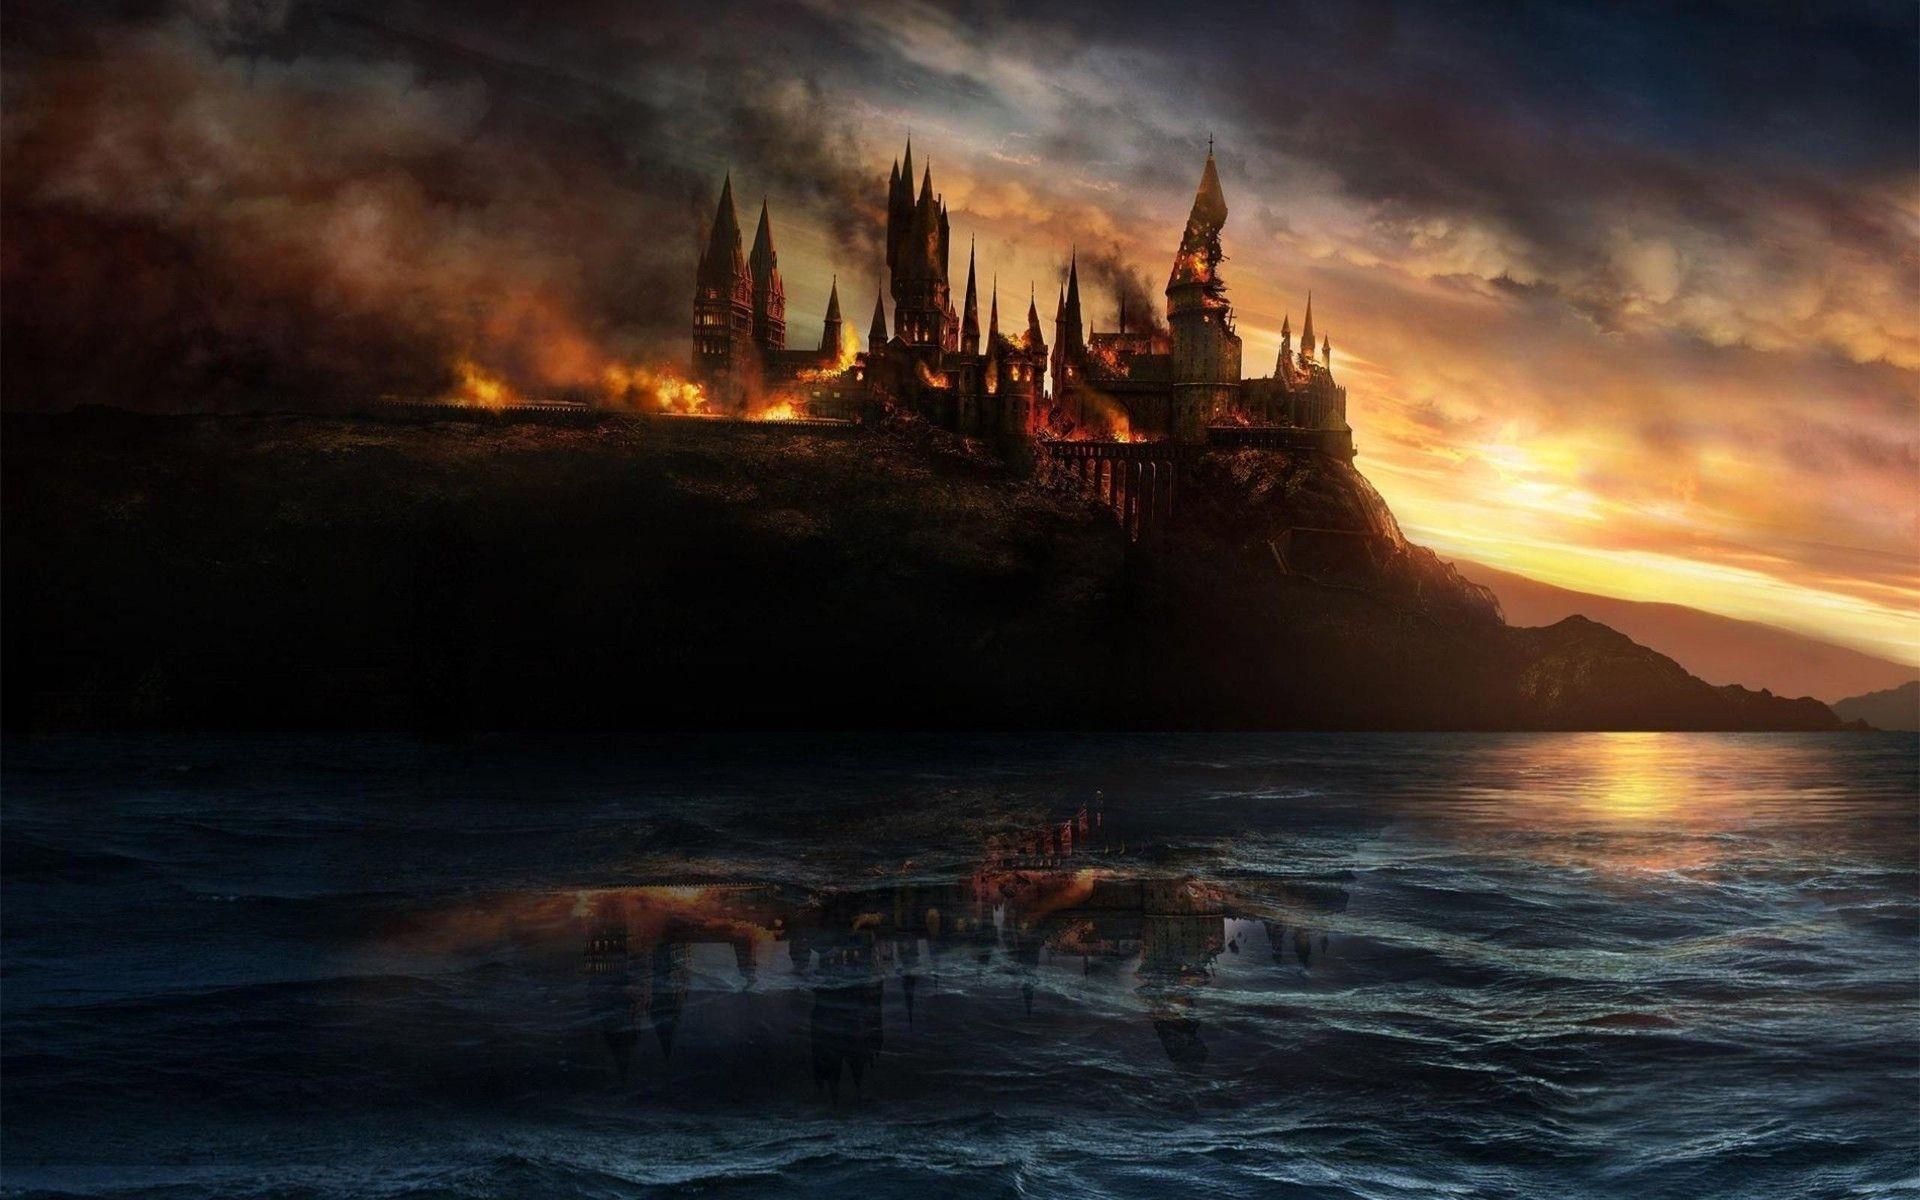 Free Download Hd Hogwarts Castle Wallpapers Hd Desktop Wallpapers